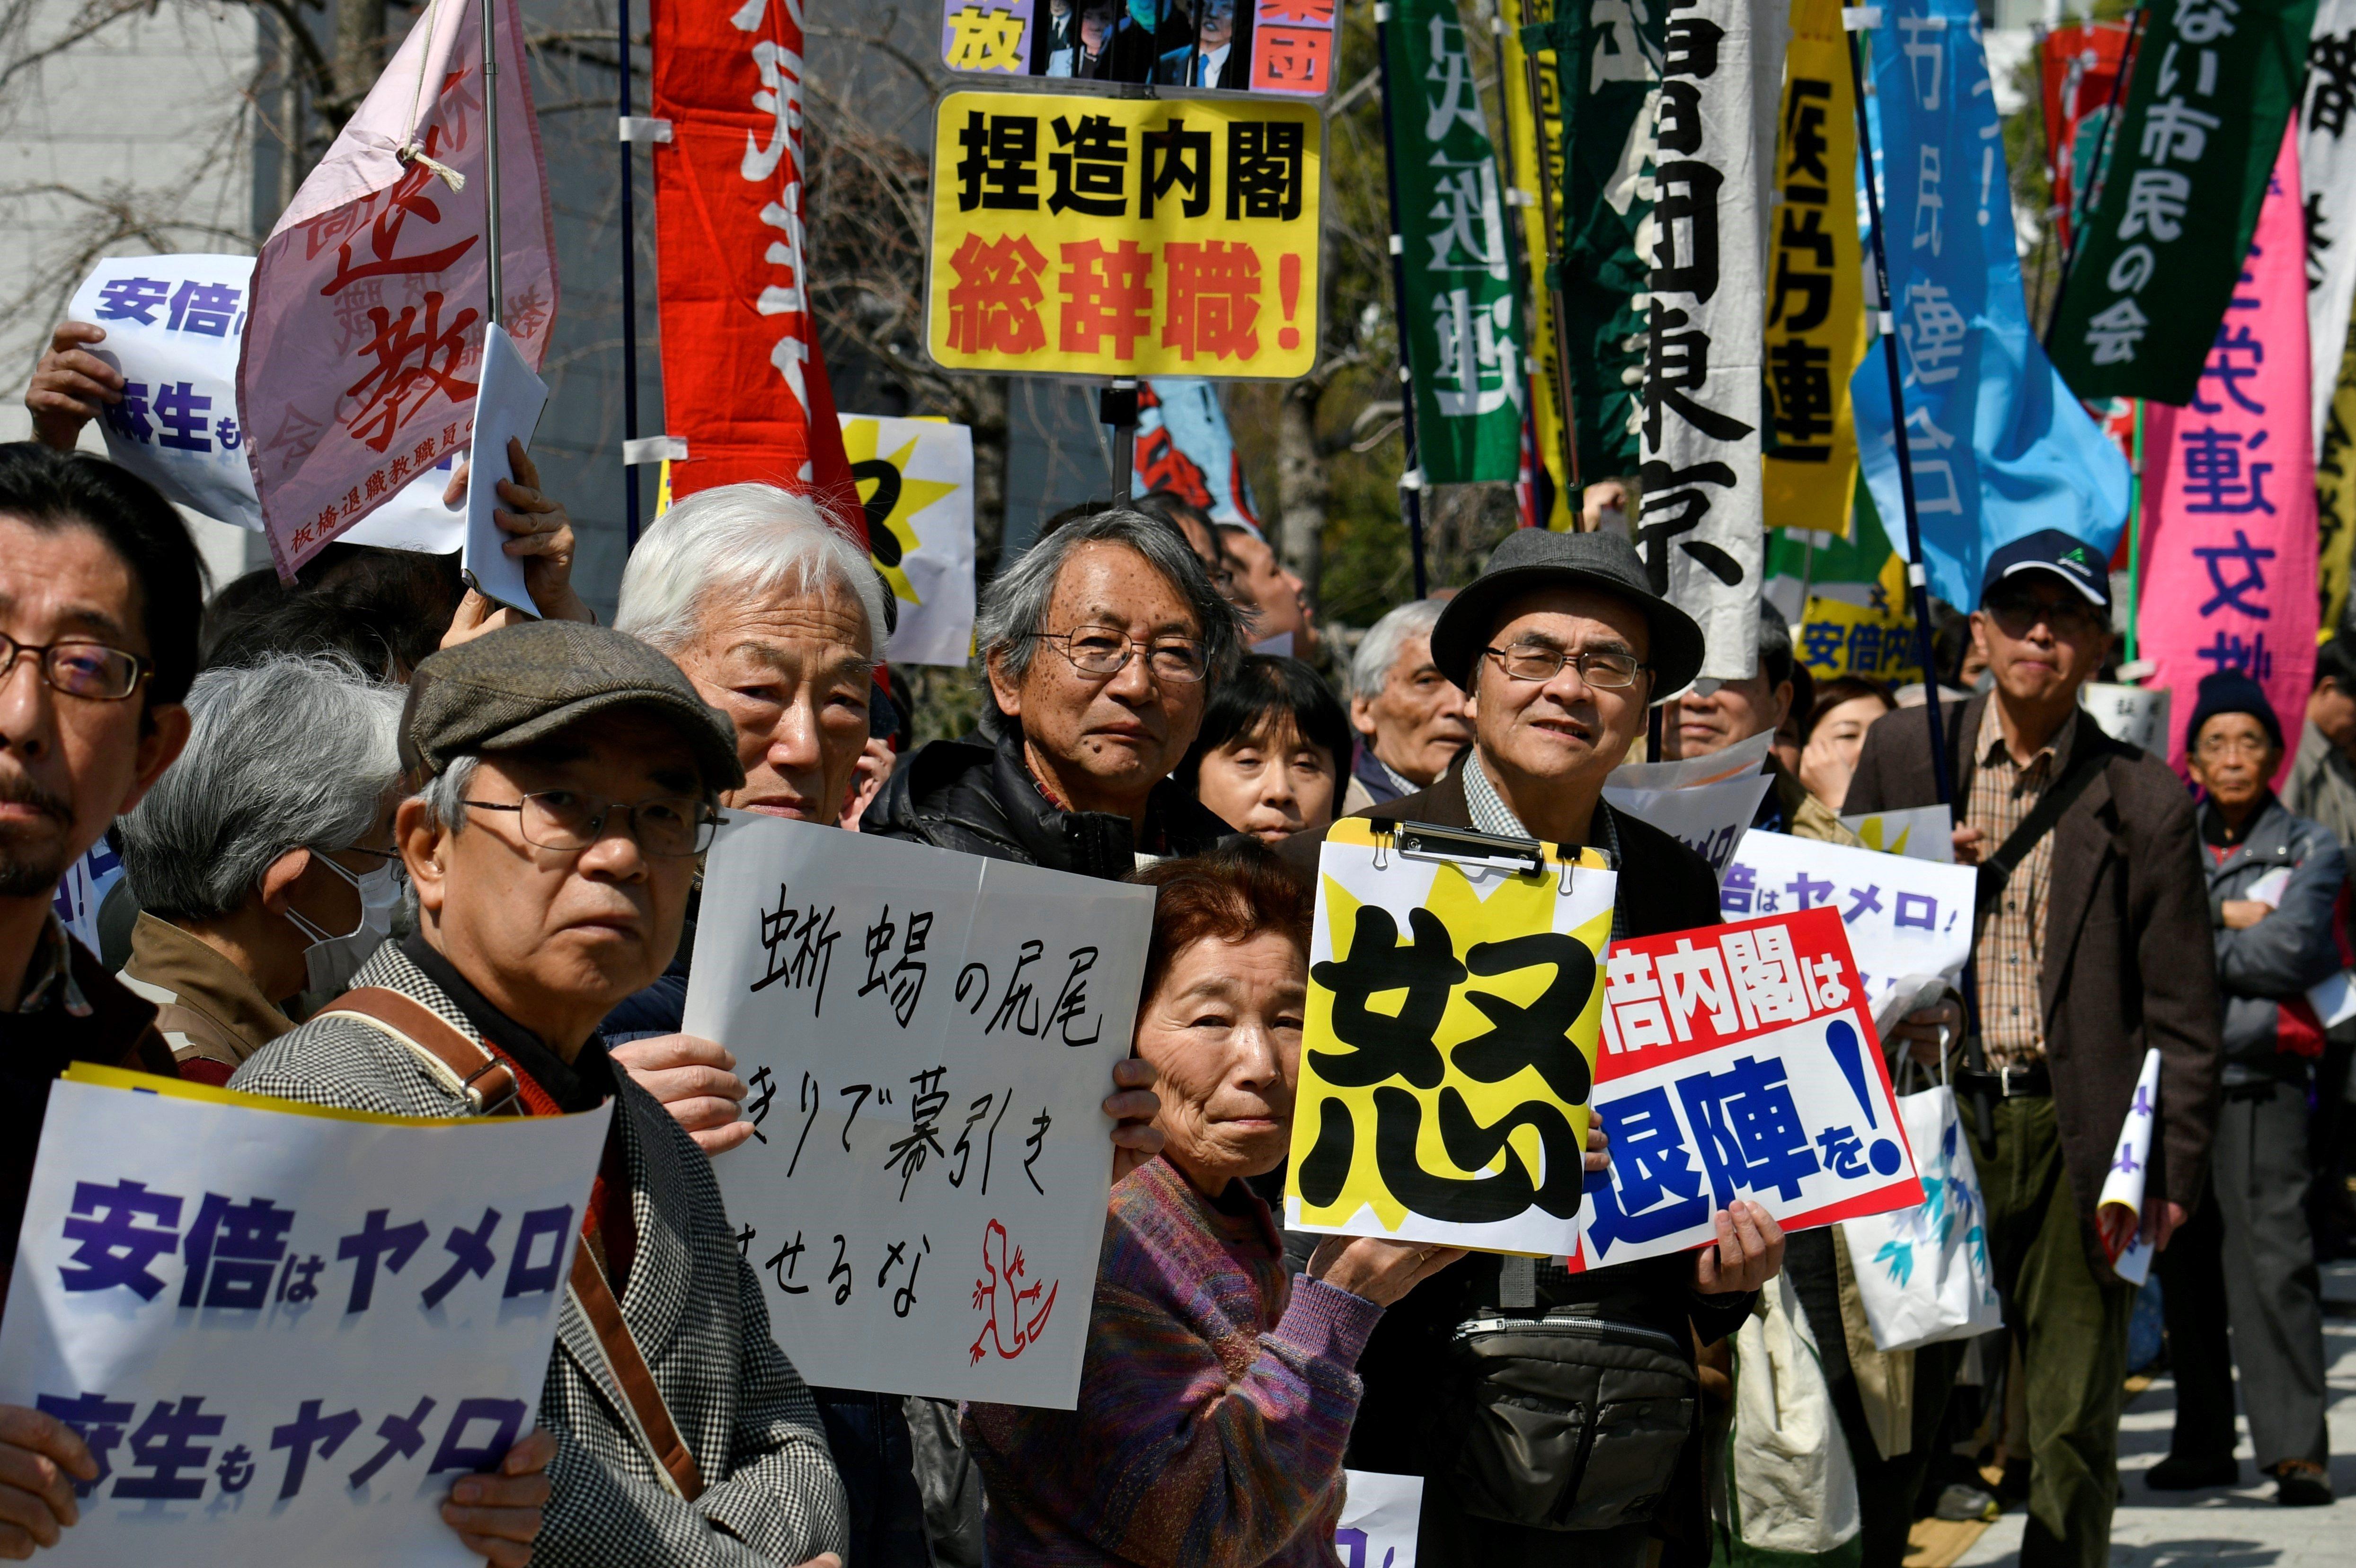 Manifestants protesten per exigir la missió del primer ministre nipó, Shinzo Abe, per un escàndol d'abusos sexuals, a Tòquio, al Japó. /FRANCK ROBICHON